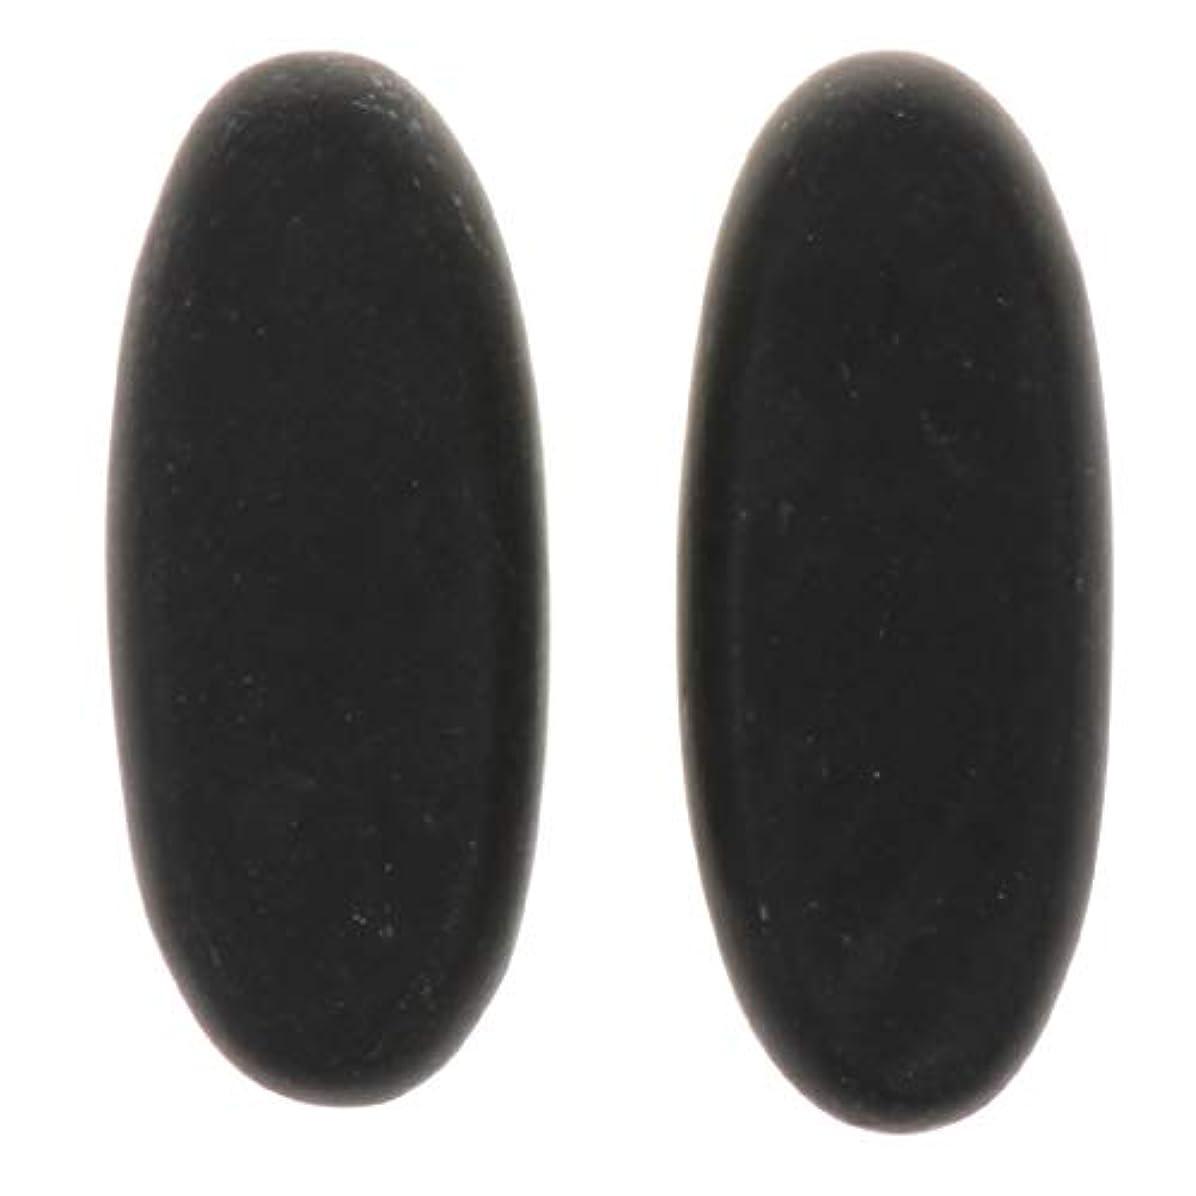 ドリンク揺れる起こるP Prettyia マッサージストーン マッサージ石 天然石ホットストーン マッサージ用玄武岩 ツボ押し SPA 2個 全2サイズ - 8×3.2×1.5cm